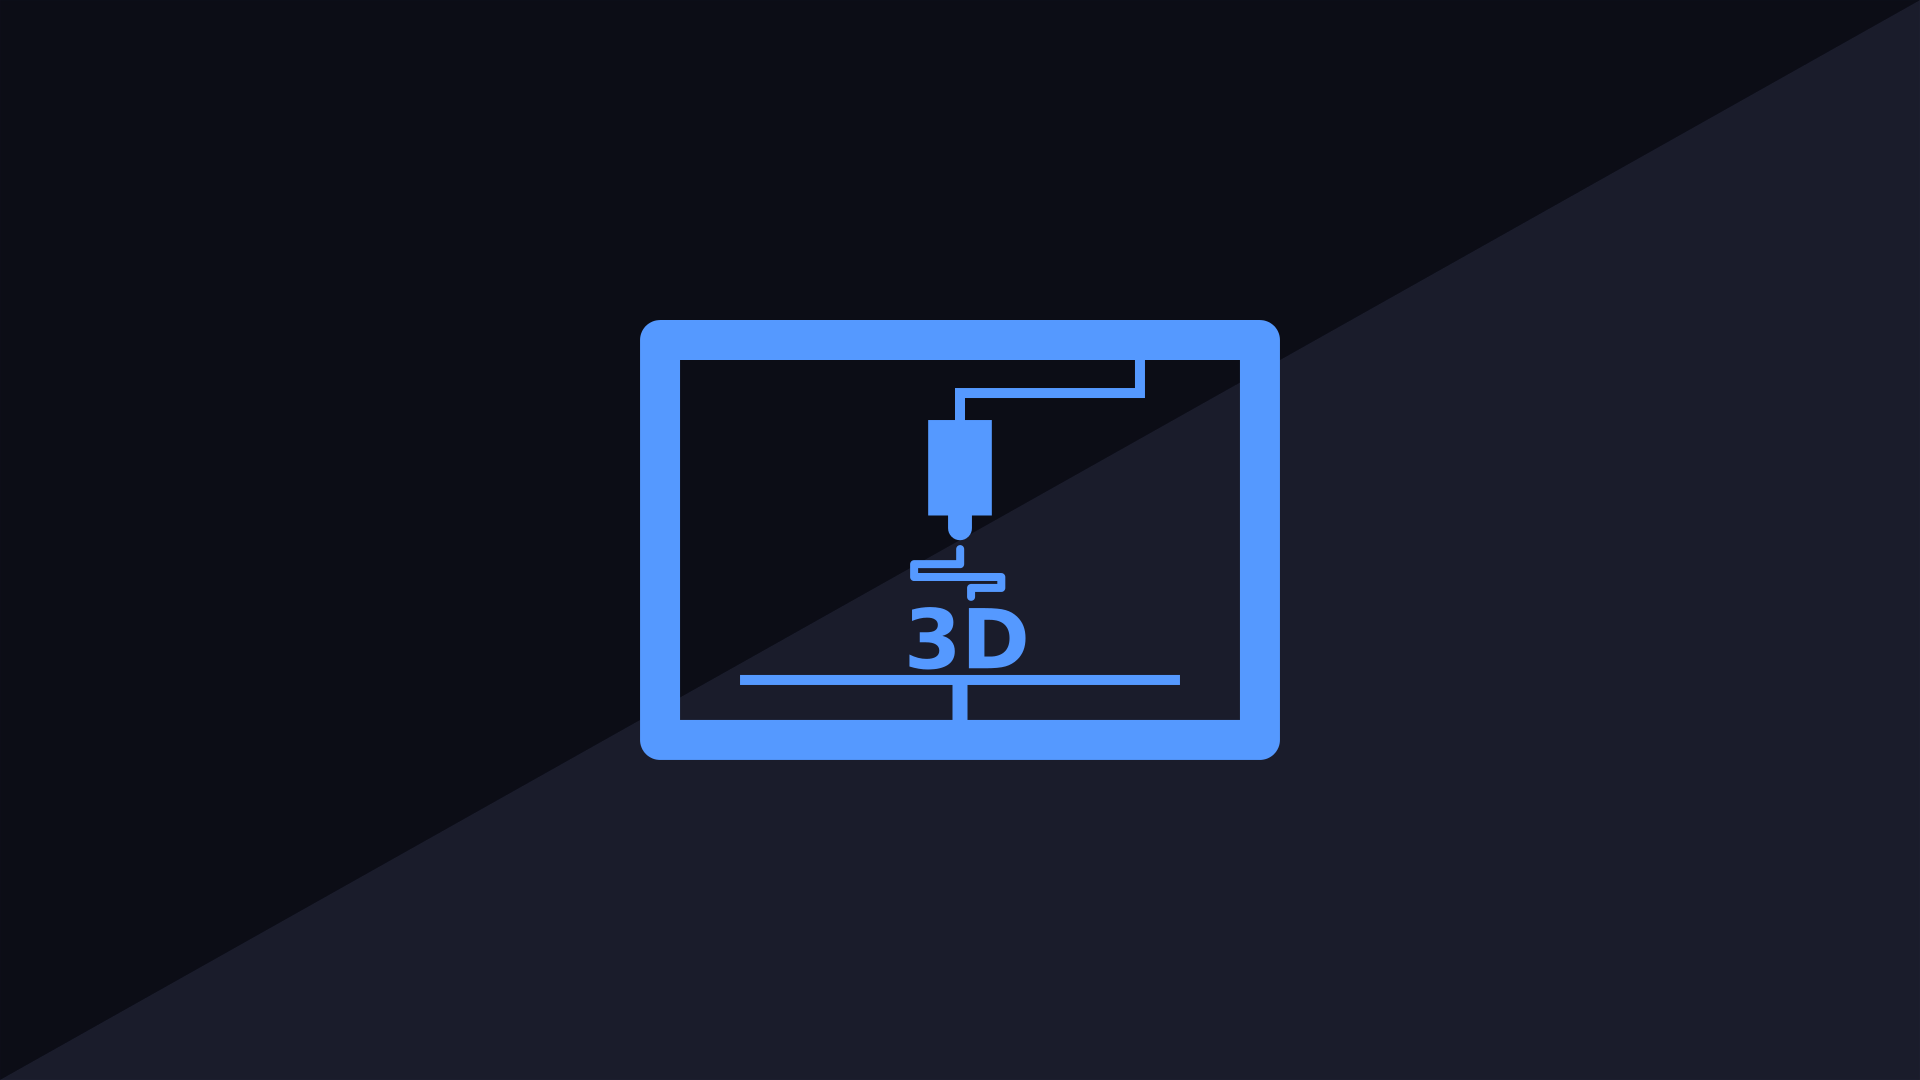 Impatti ambientali della stampa 3D